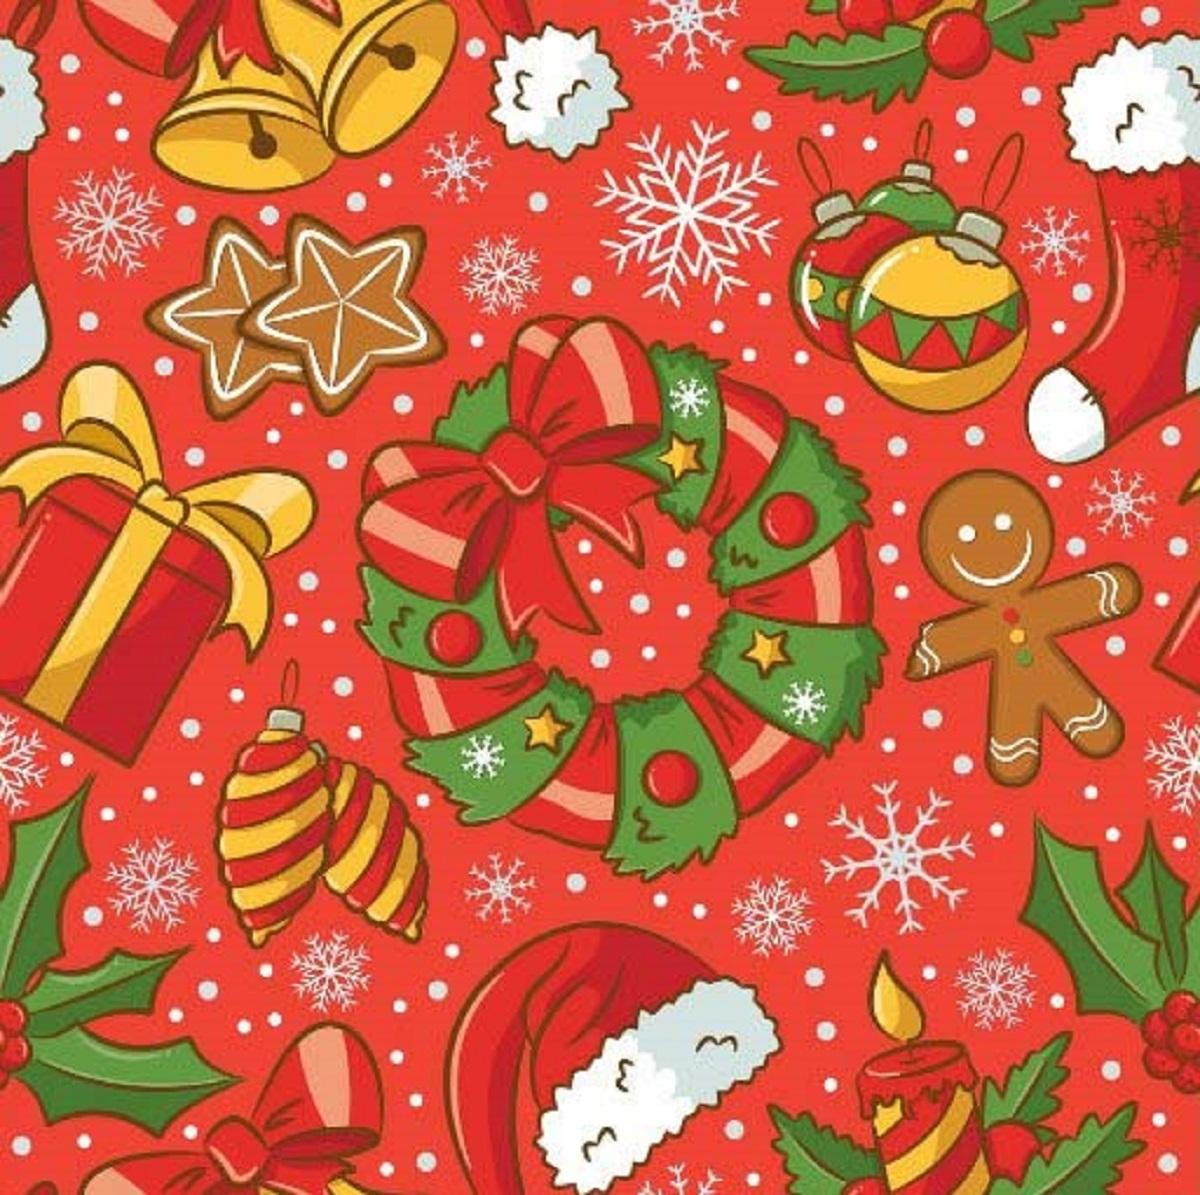 Салфетки бумажные Gratias Рождество, цвет: красный, трехслойные, 33 х 33 см, 20 штMW-3101Трехслойные бумажные салфетки Gratias Рождество, выполненные из натуральной целлюлозы, станут отличным дополнением любого праздничного стола. Они отличаются необычной мягкостью и прочностью. Размер листа: 33 х 33 см. Количество слоев: 3.